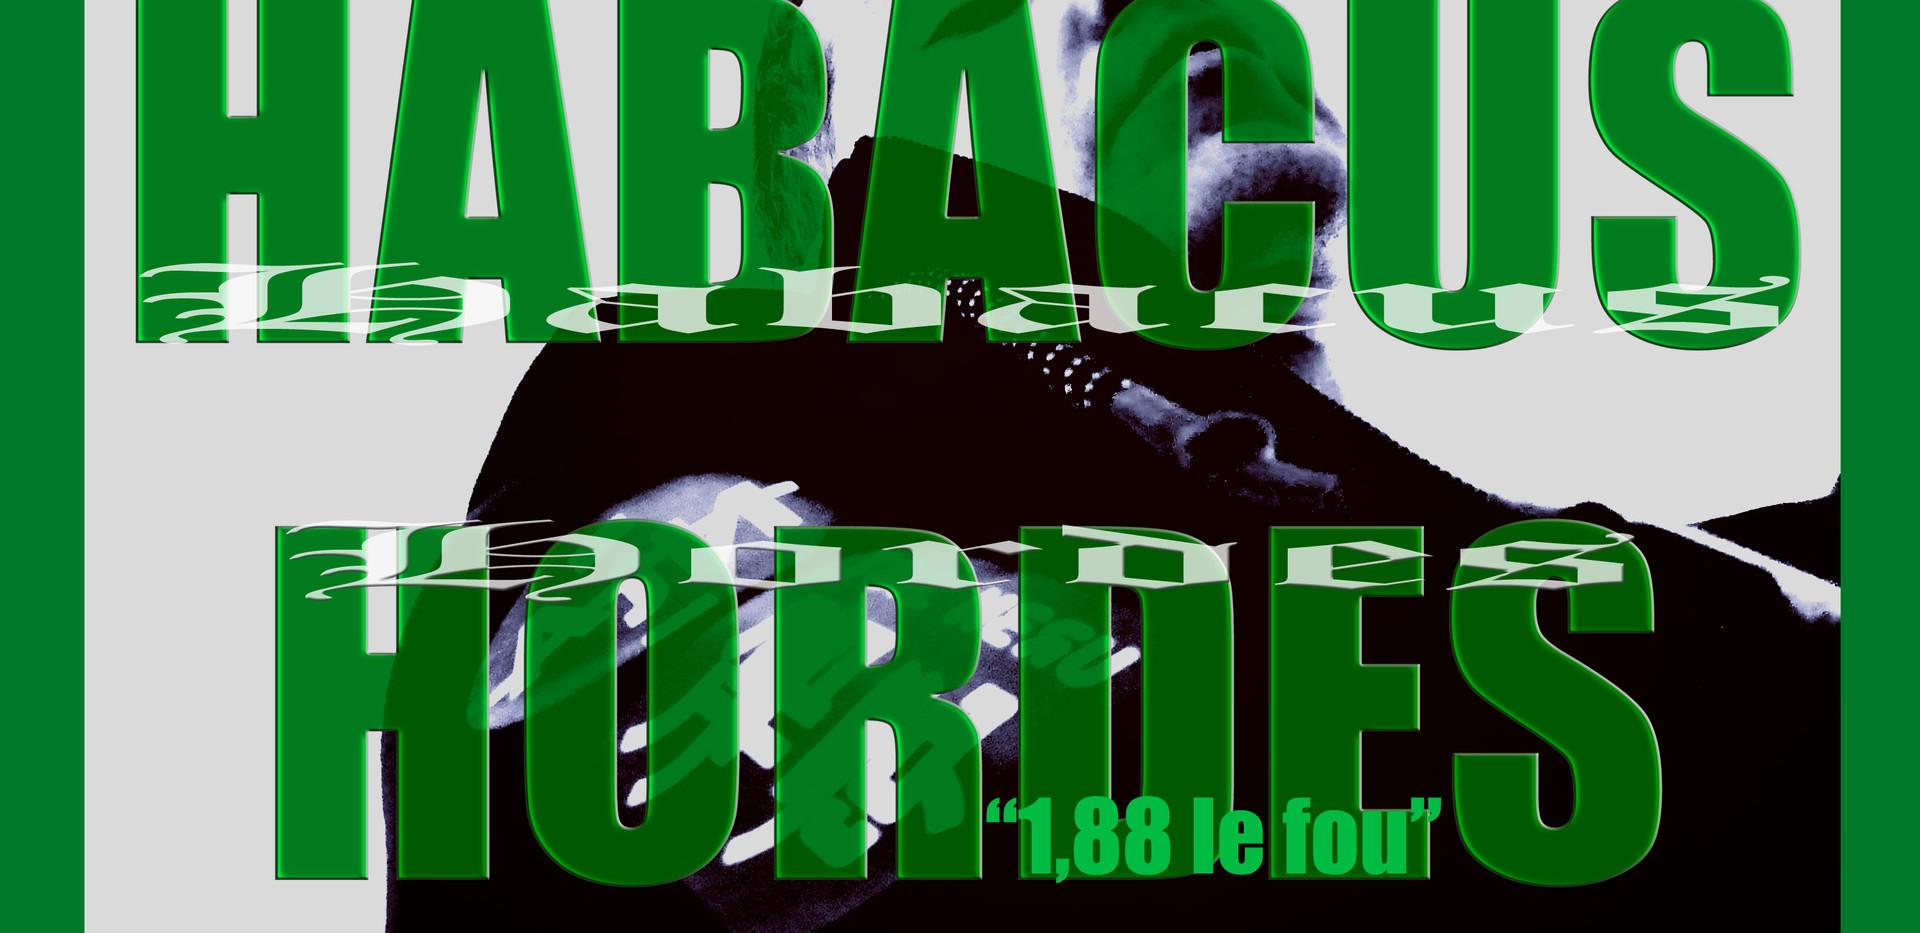 188 Le Fou